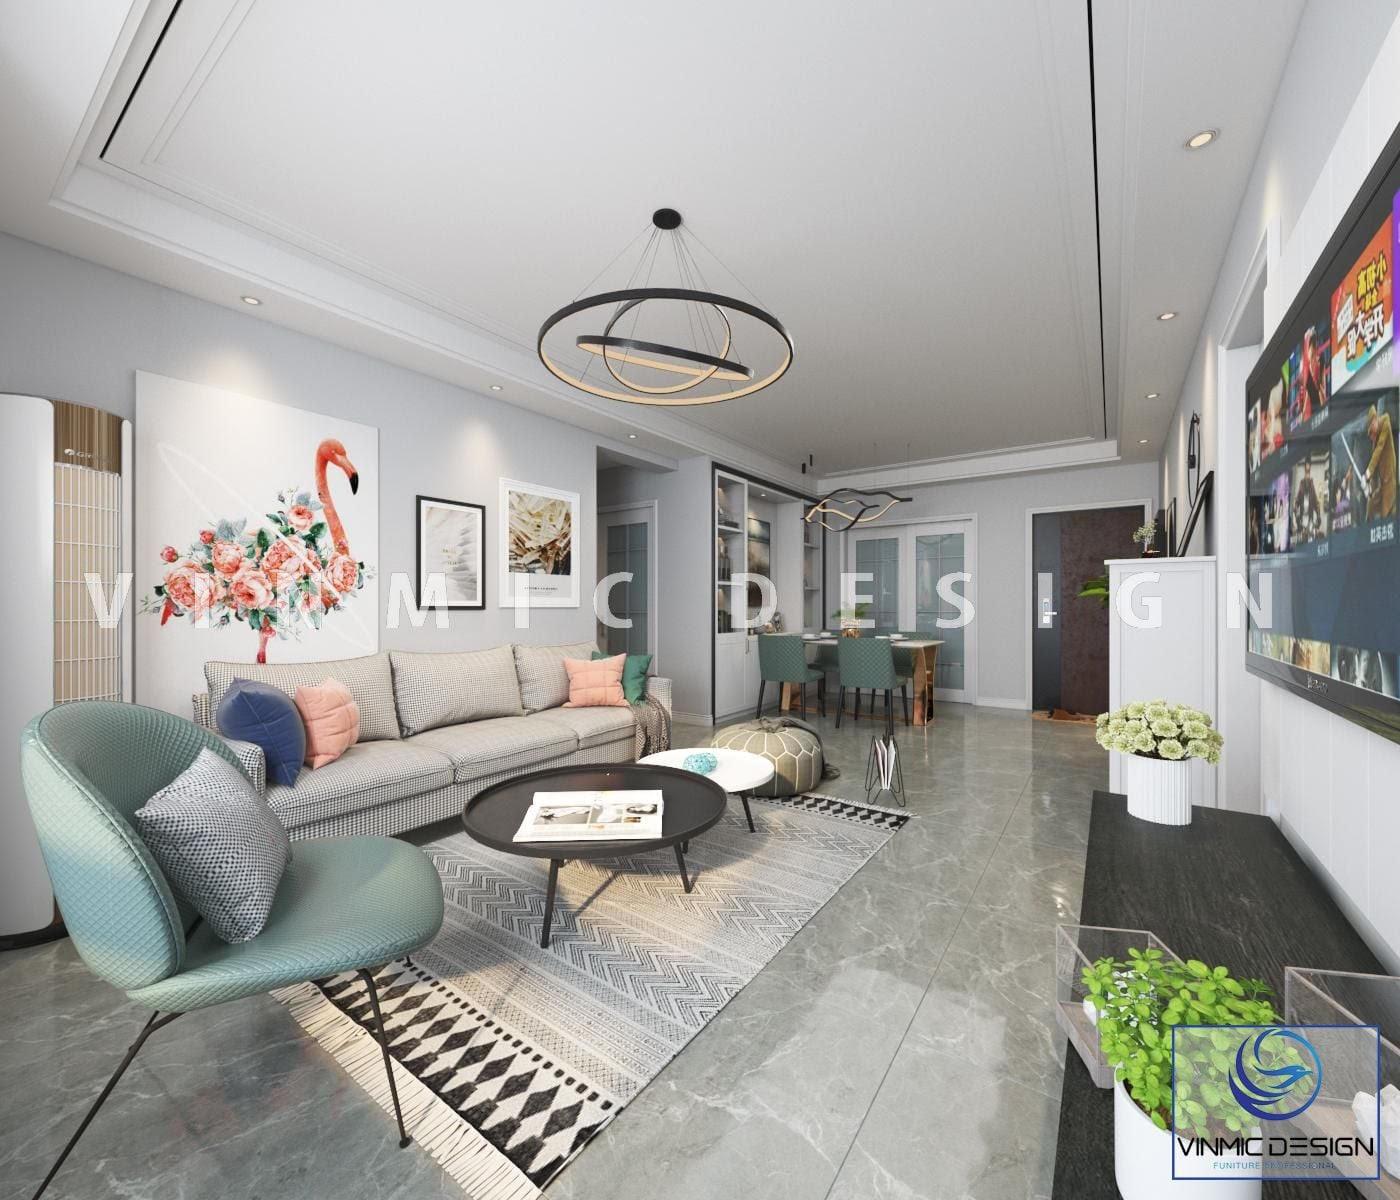 Phong cách scandinavian được thể hiện rất rõ qua không gian phòng khách